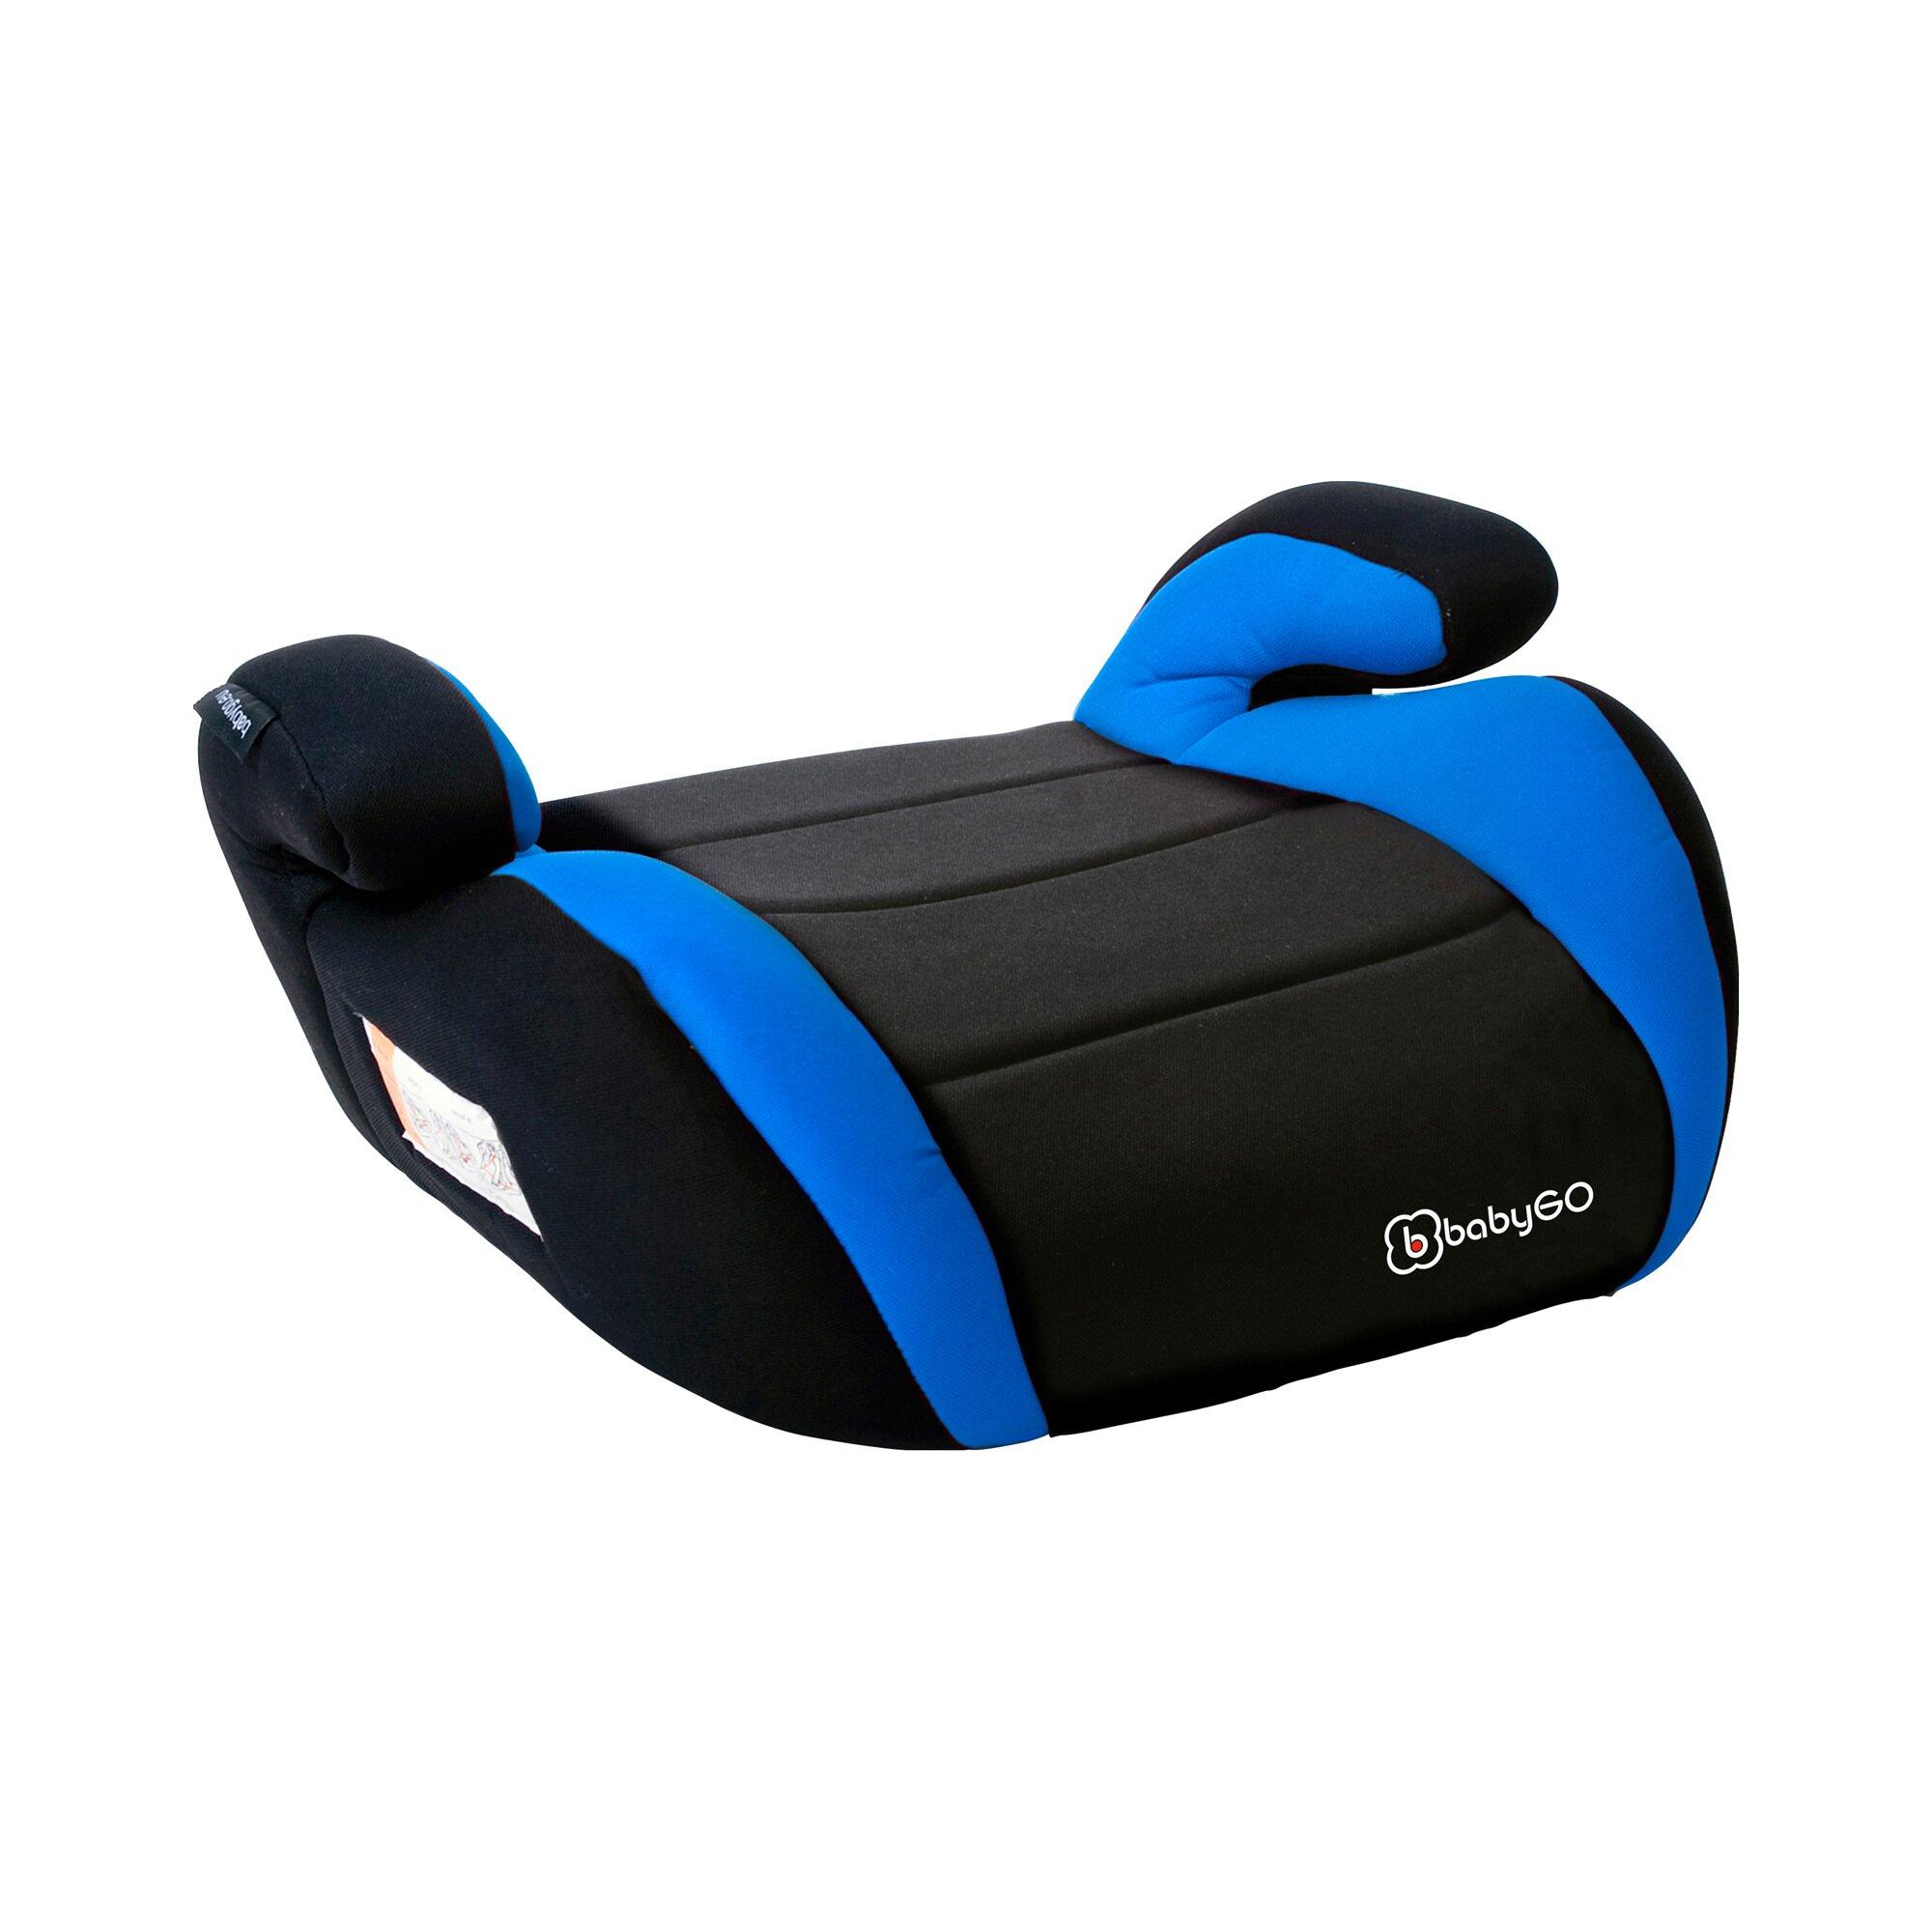 Babygo Booster Sitzerhöhung blau